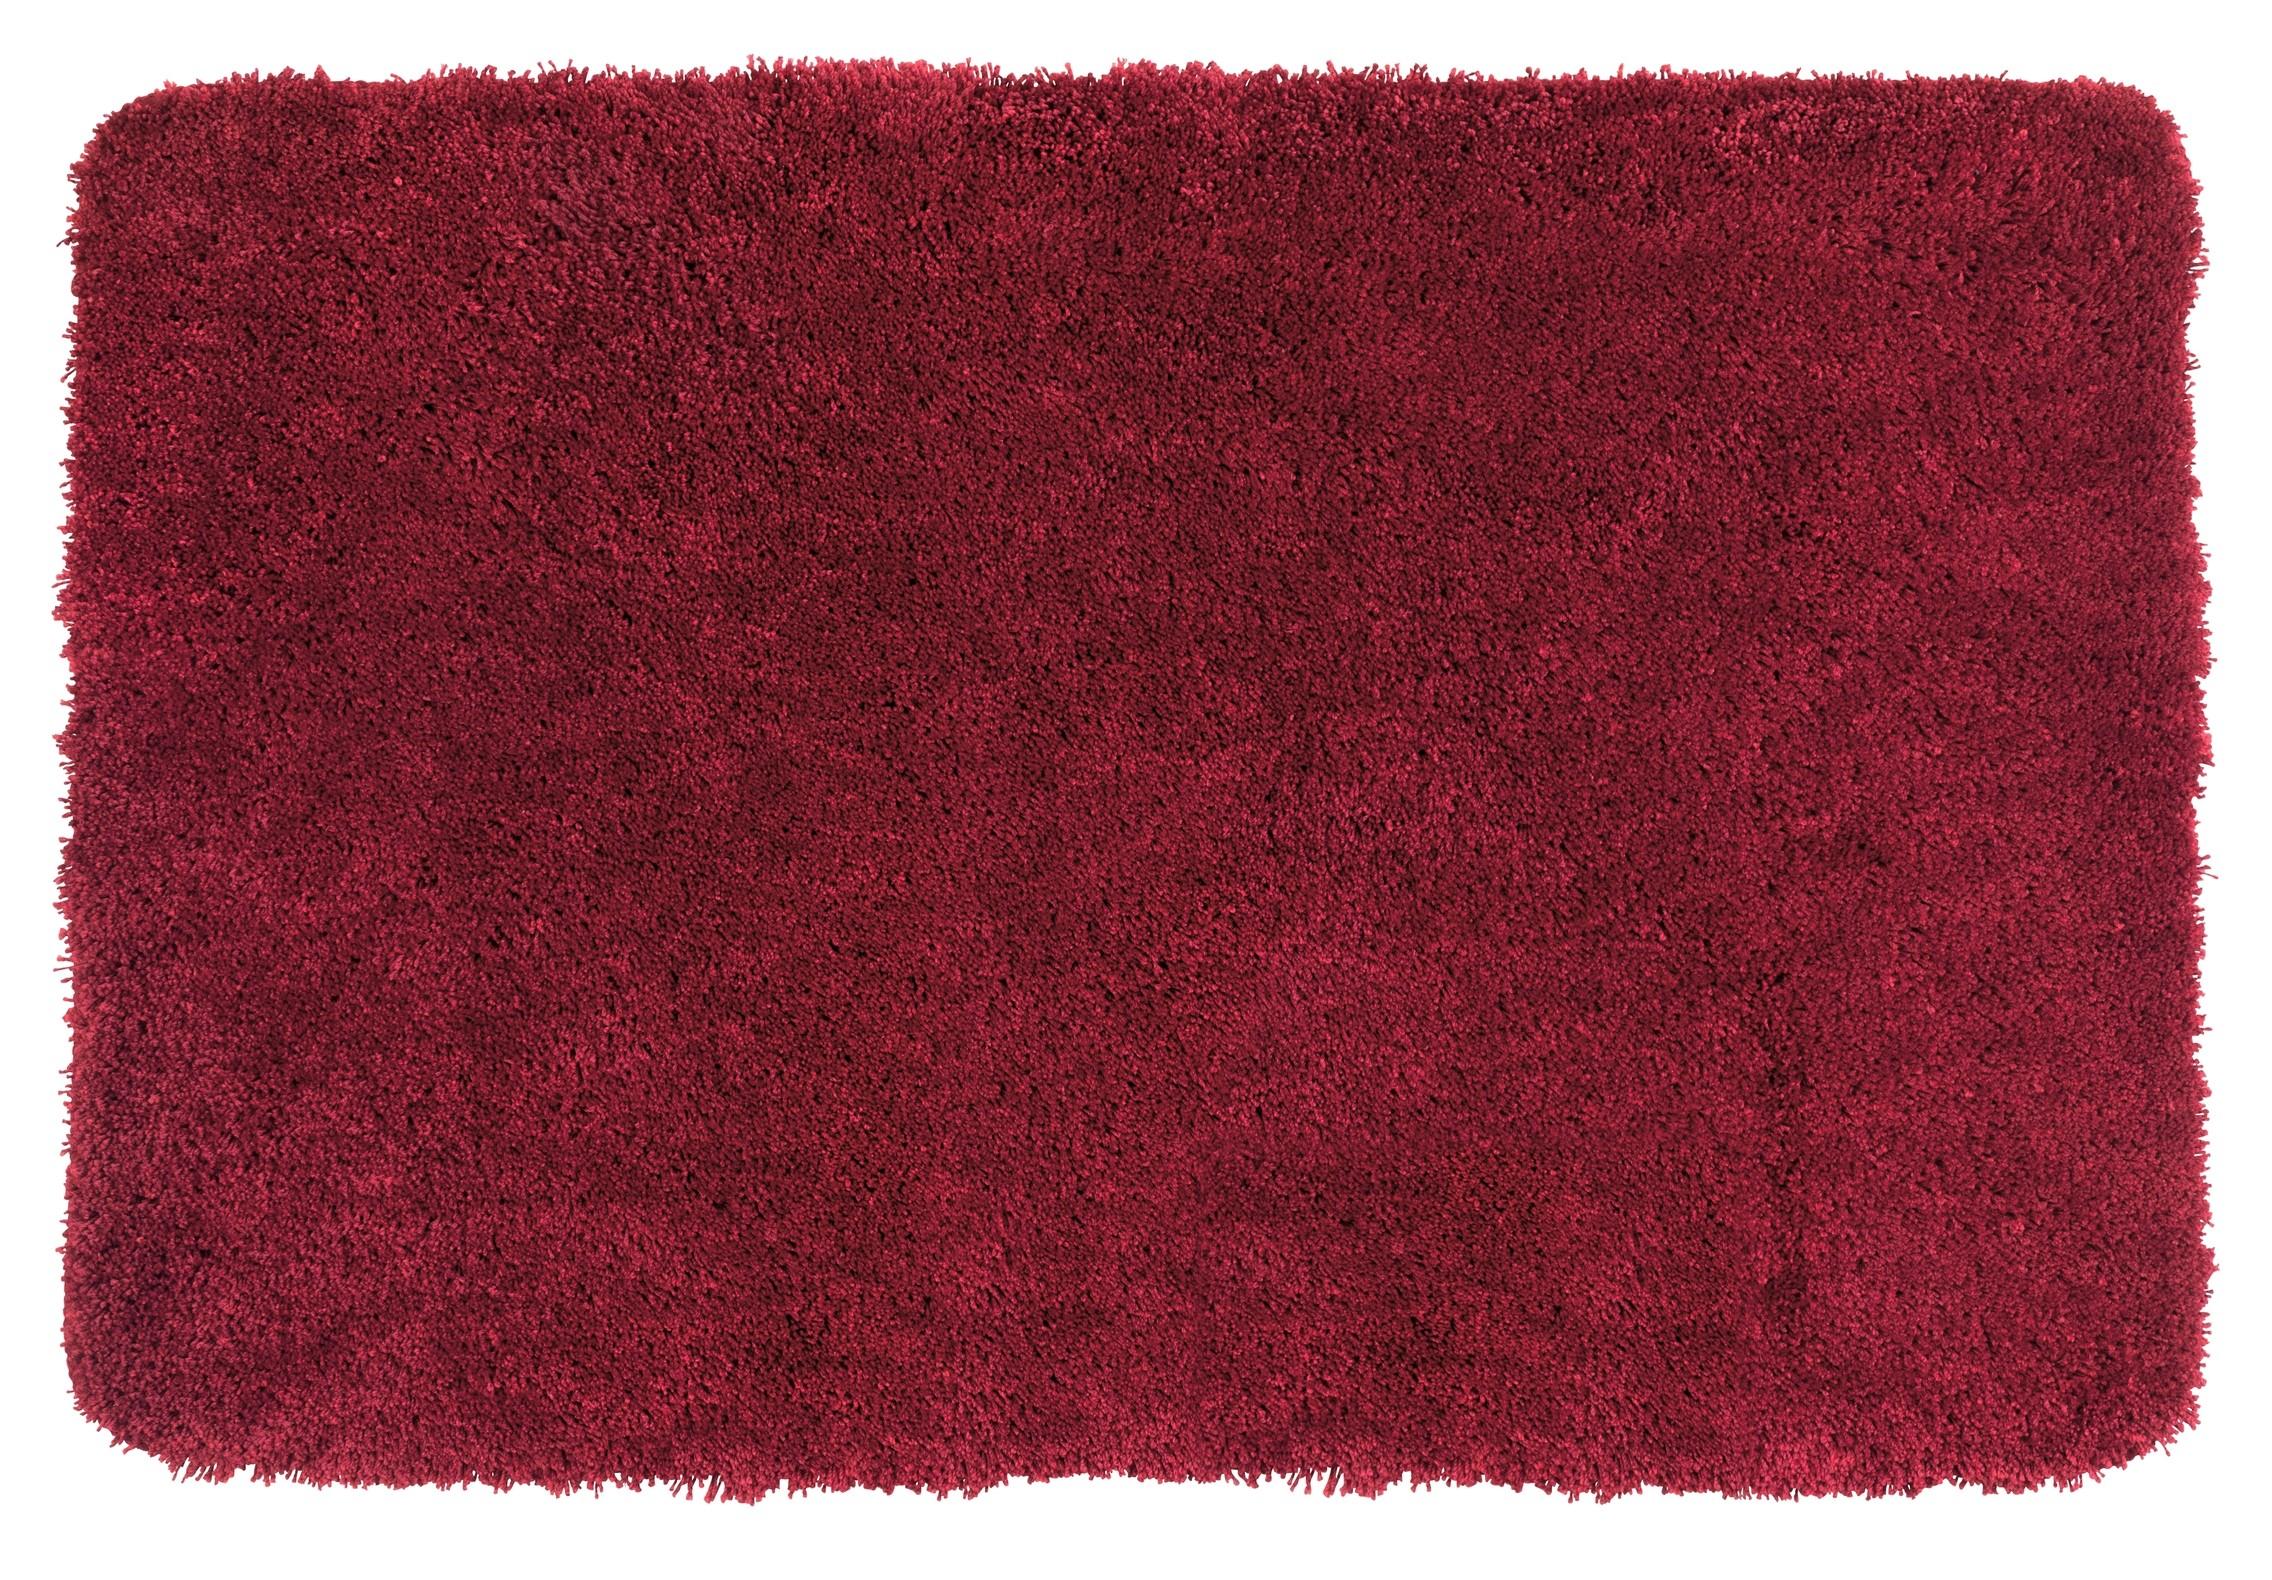 Wenko Badteppich Mélange Chili, 60 x 90 cm, Mikrofaser